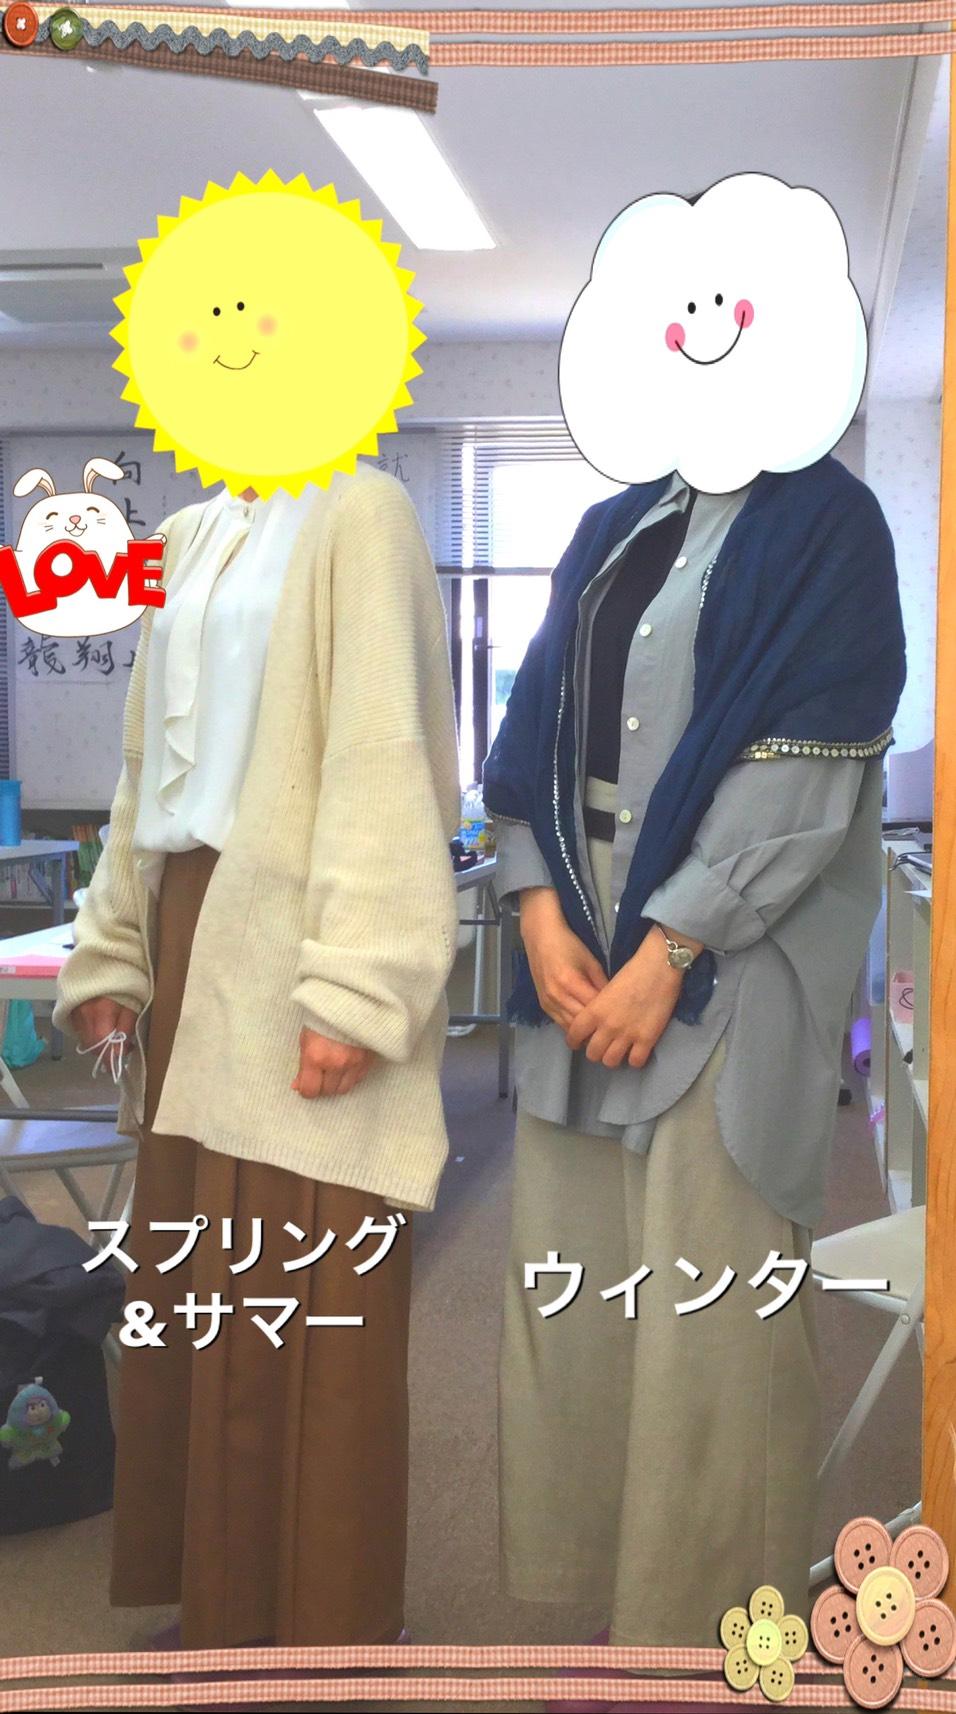 【美容講座】パーソナルカラー